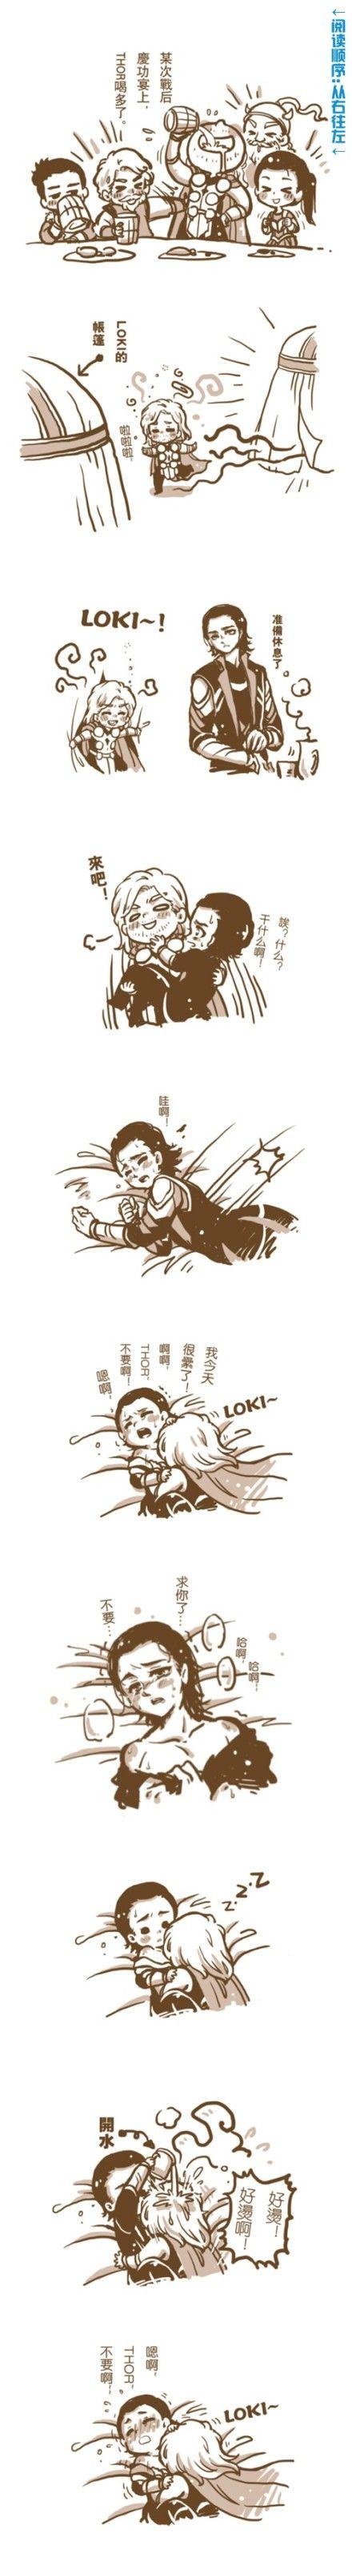 http://tw.weibo.com/2060572103/3715969828043414